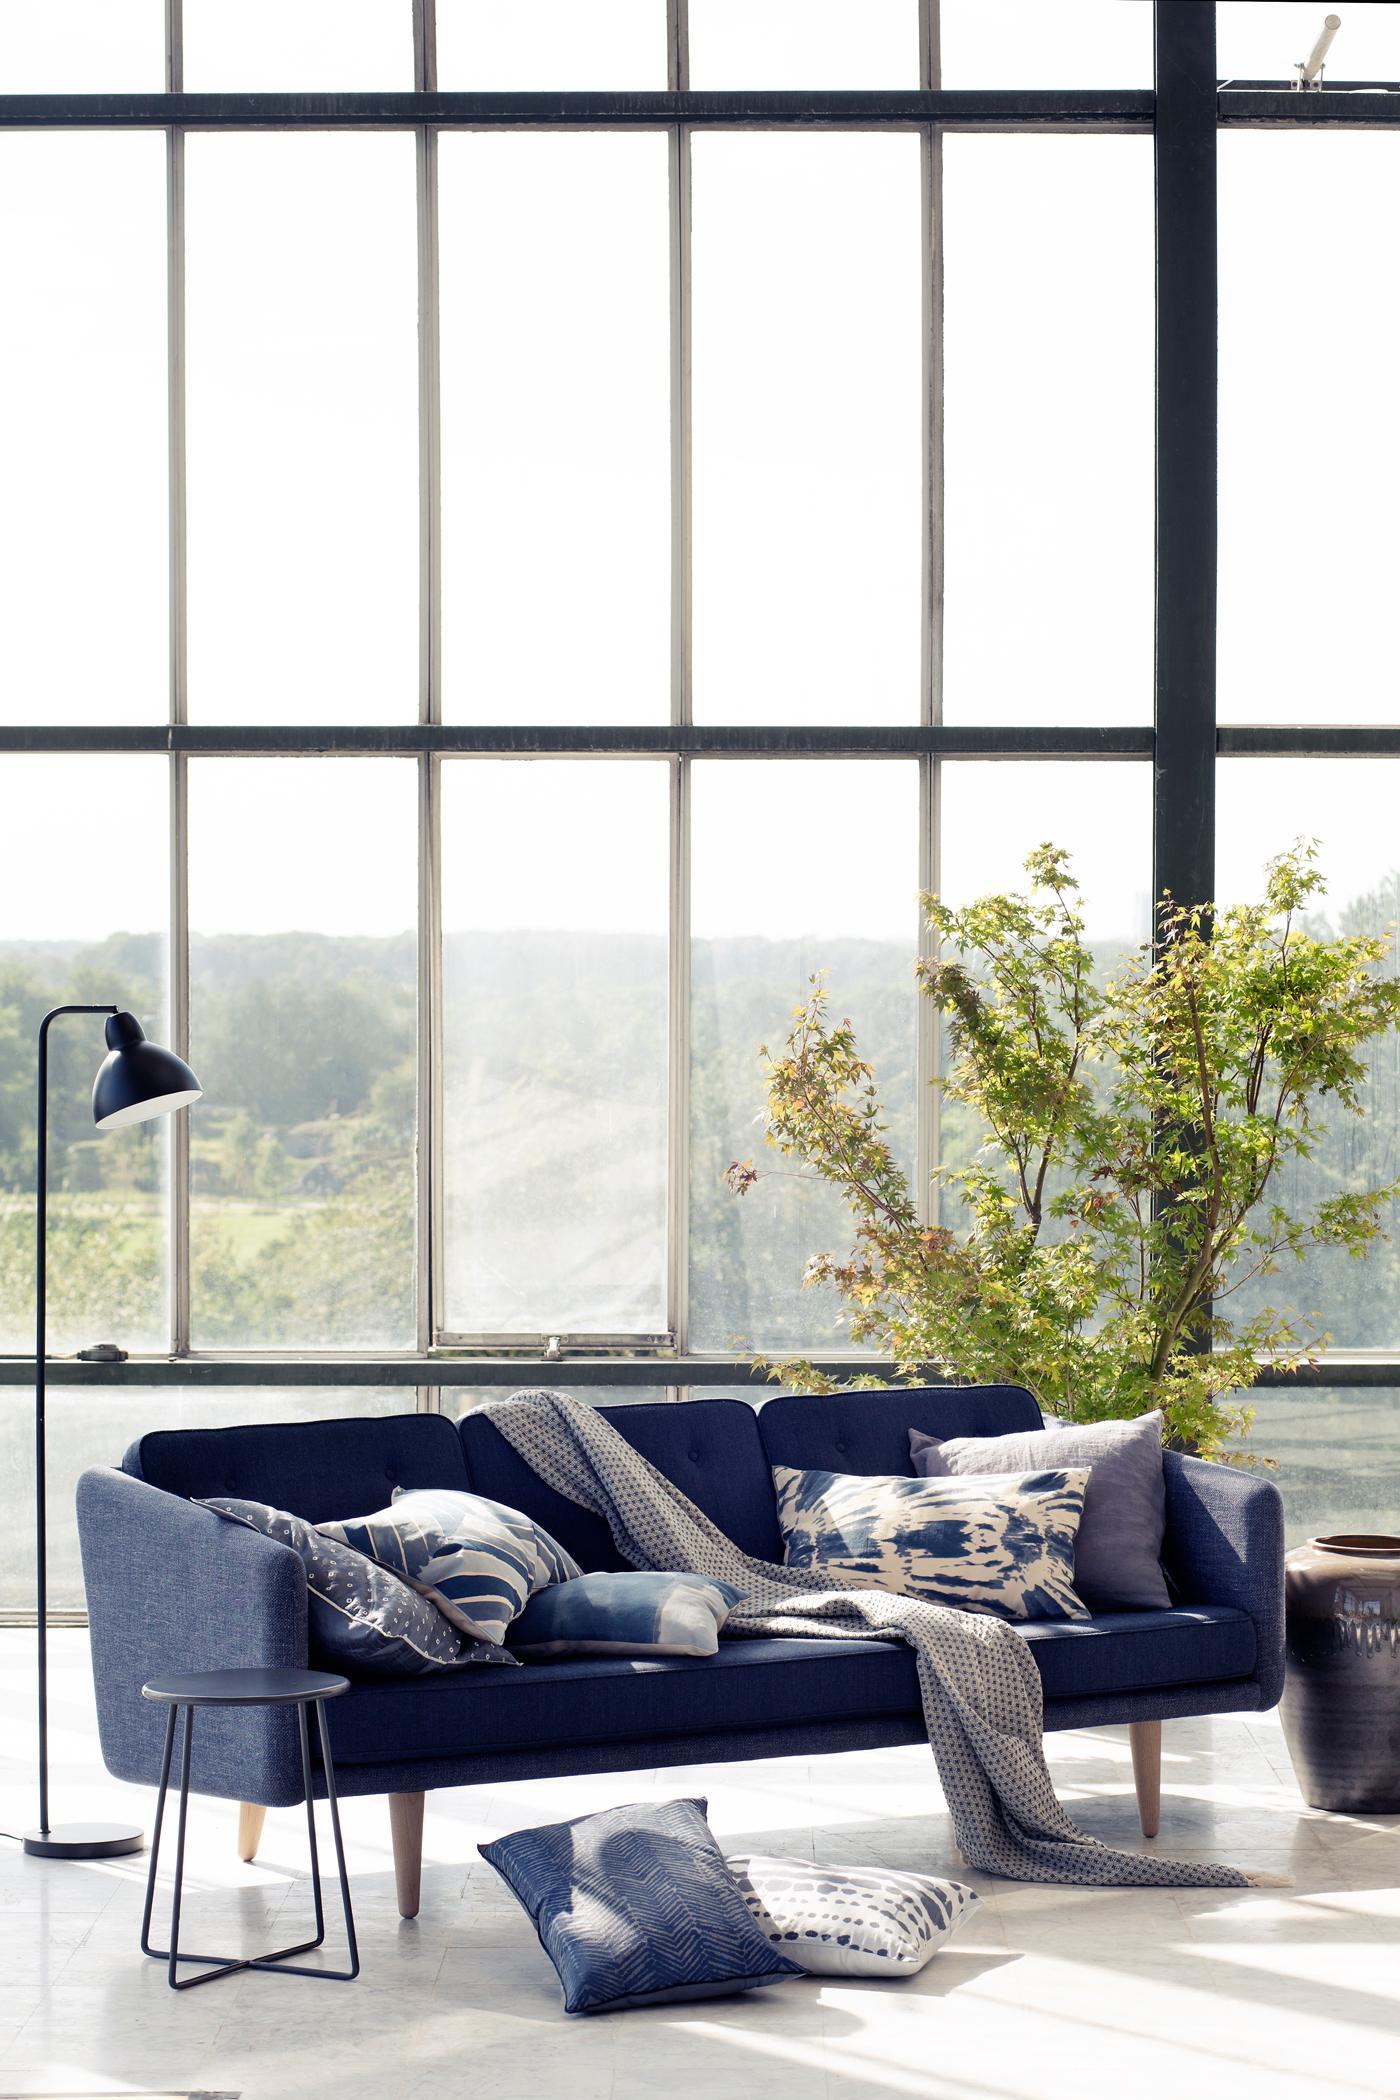 Beautiful Sofa Mit Blauen Dekokissen Stehlampe Tagesdecke Sofakissen Sofa  Blauessofa With Dekokissen Couch